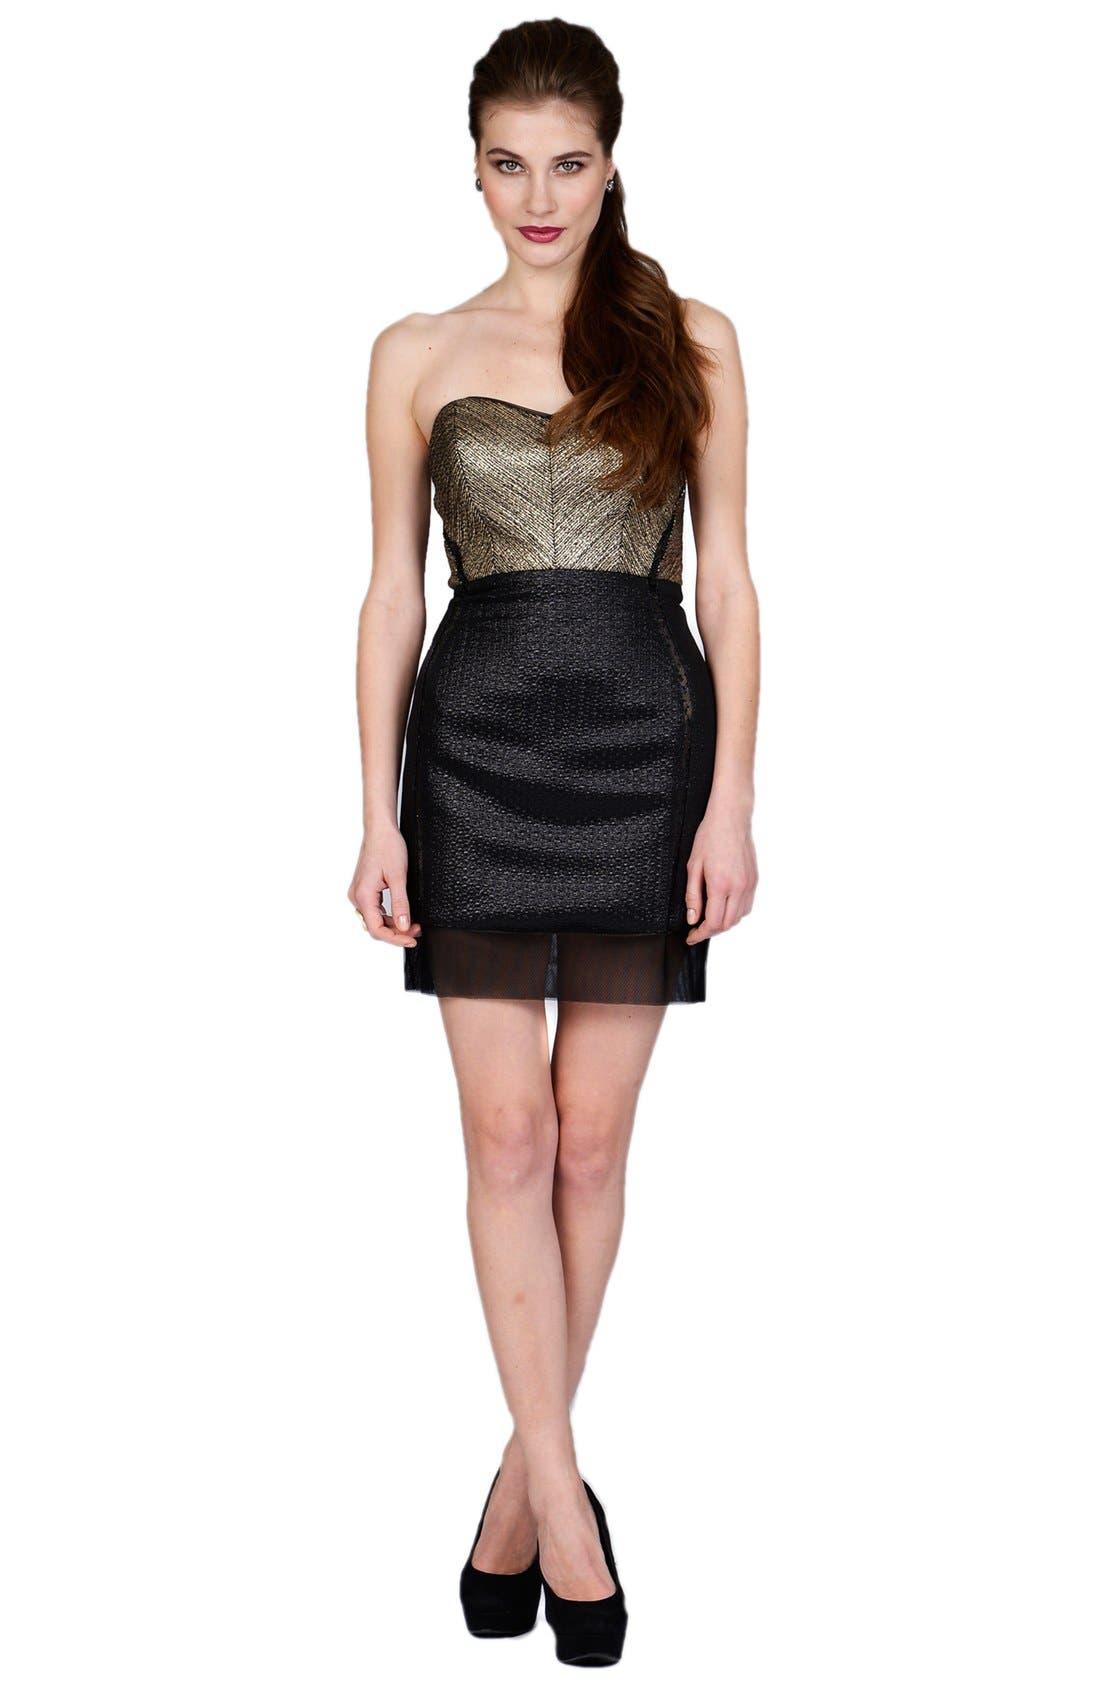 Main Image - Phoebe by Kay Unger Metallic Bodice Mixed Jacquard Sheath Dress